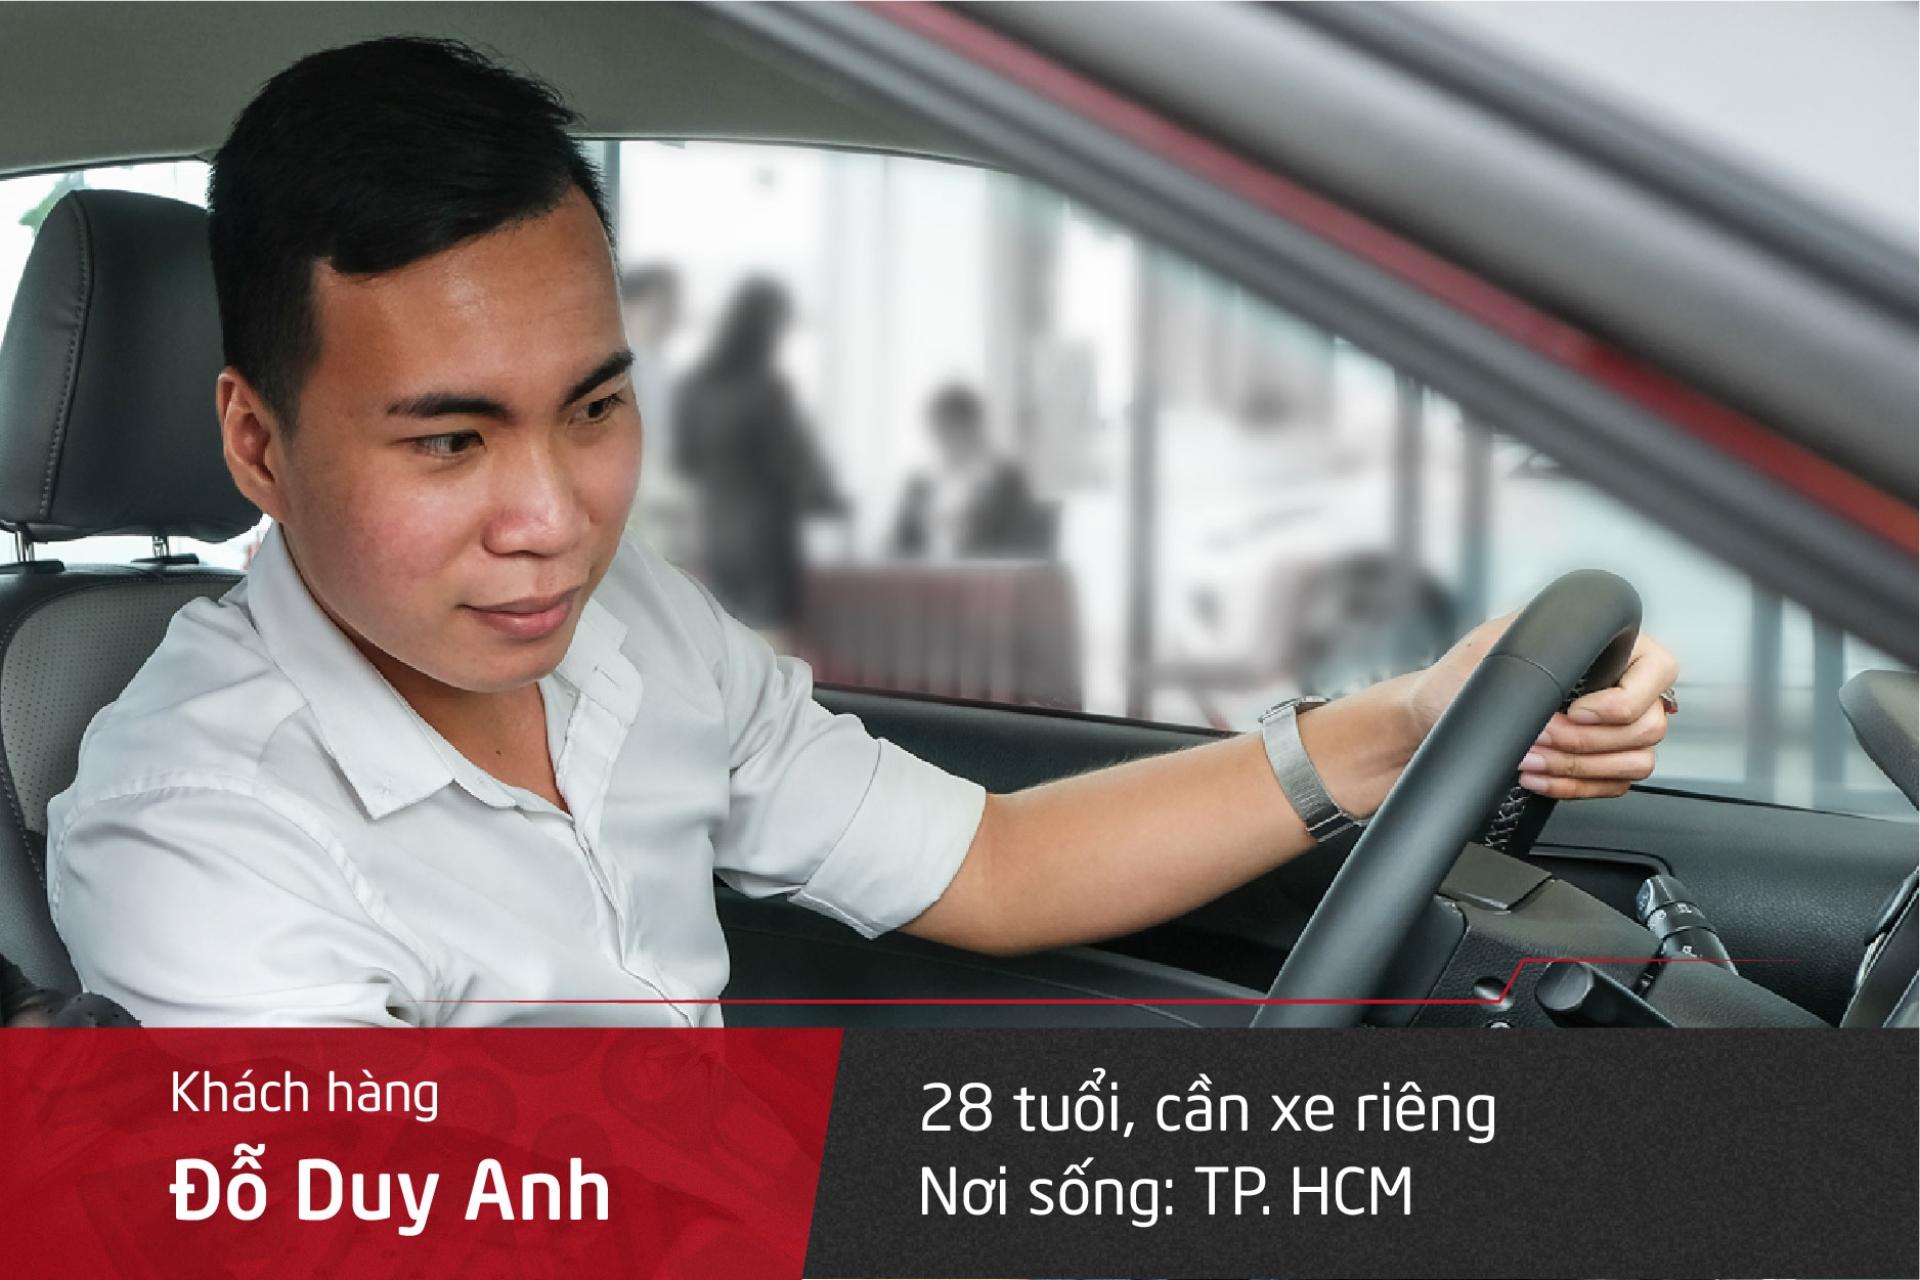 hinh2-20191010-16103352